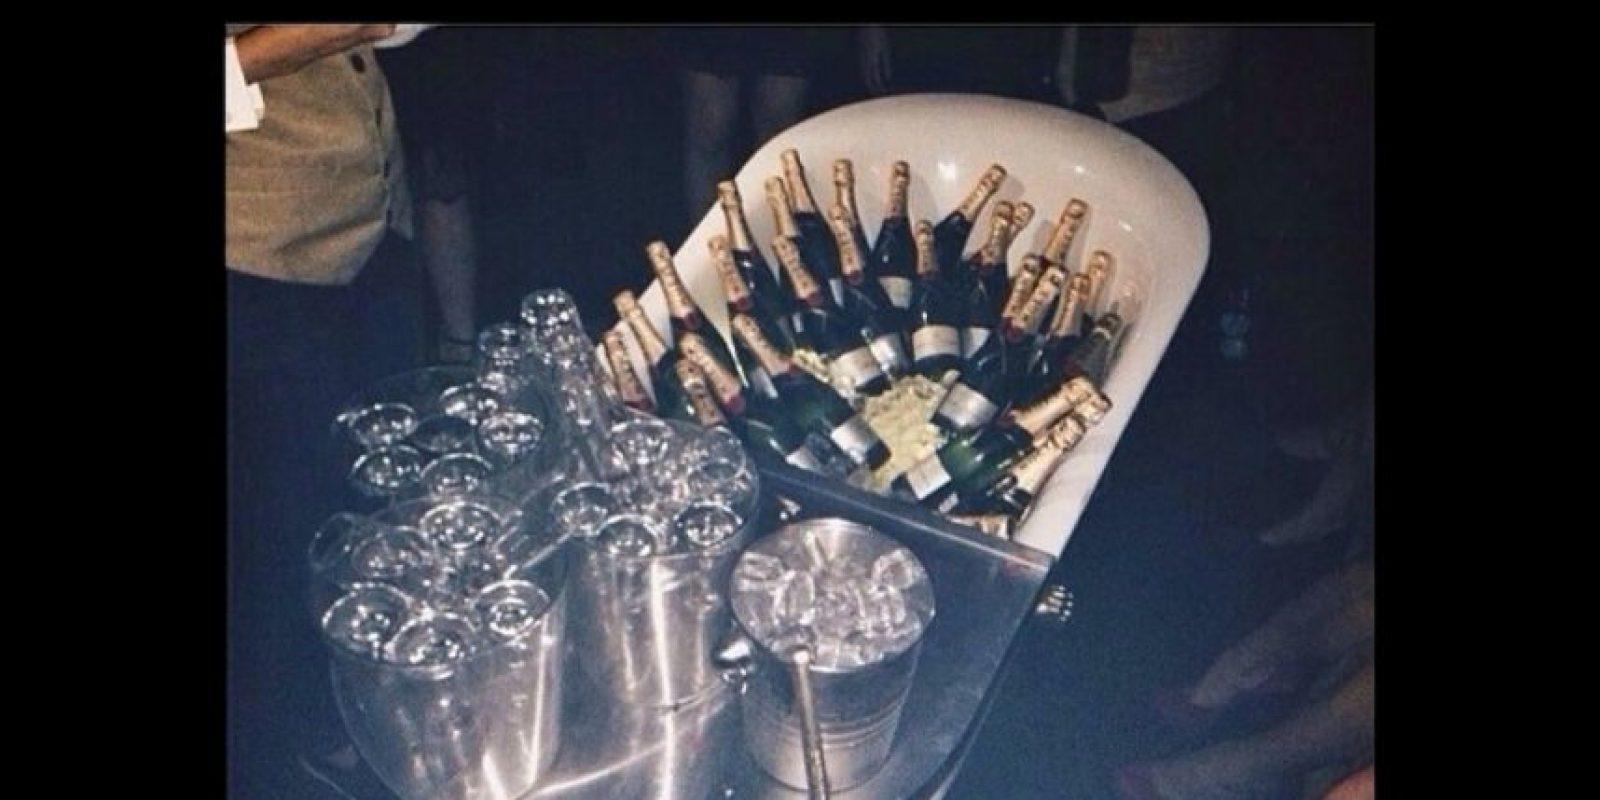 Otros lujos que presumen los ricos en las redes sociales Foto:instagram.com/richkidslondon/. Imagen Por: